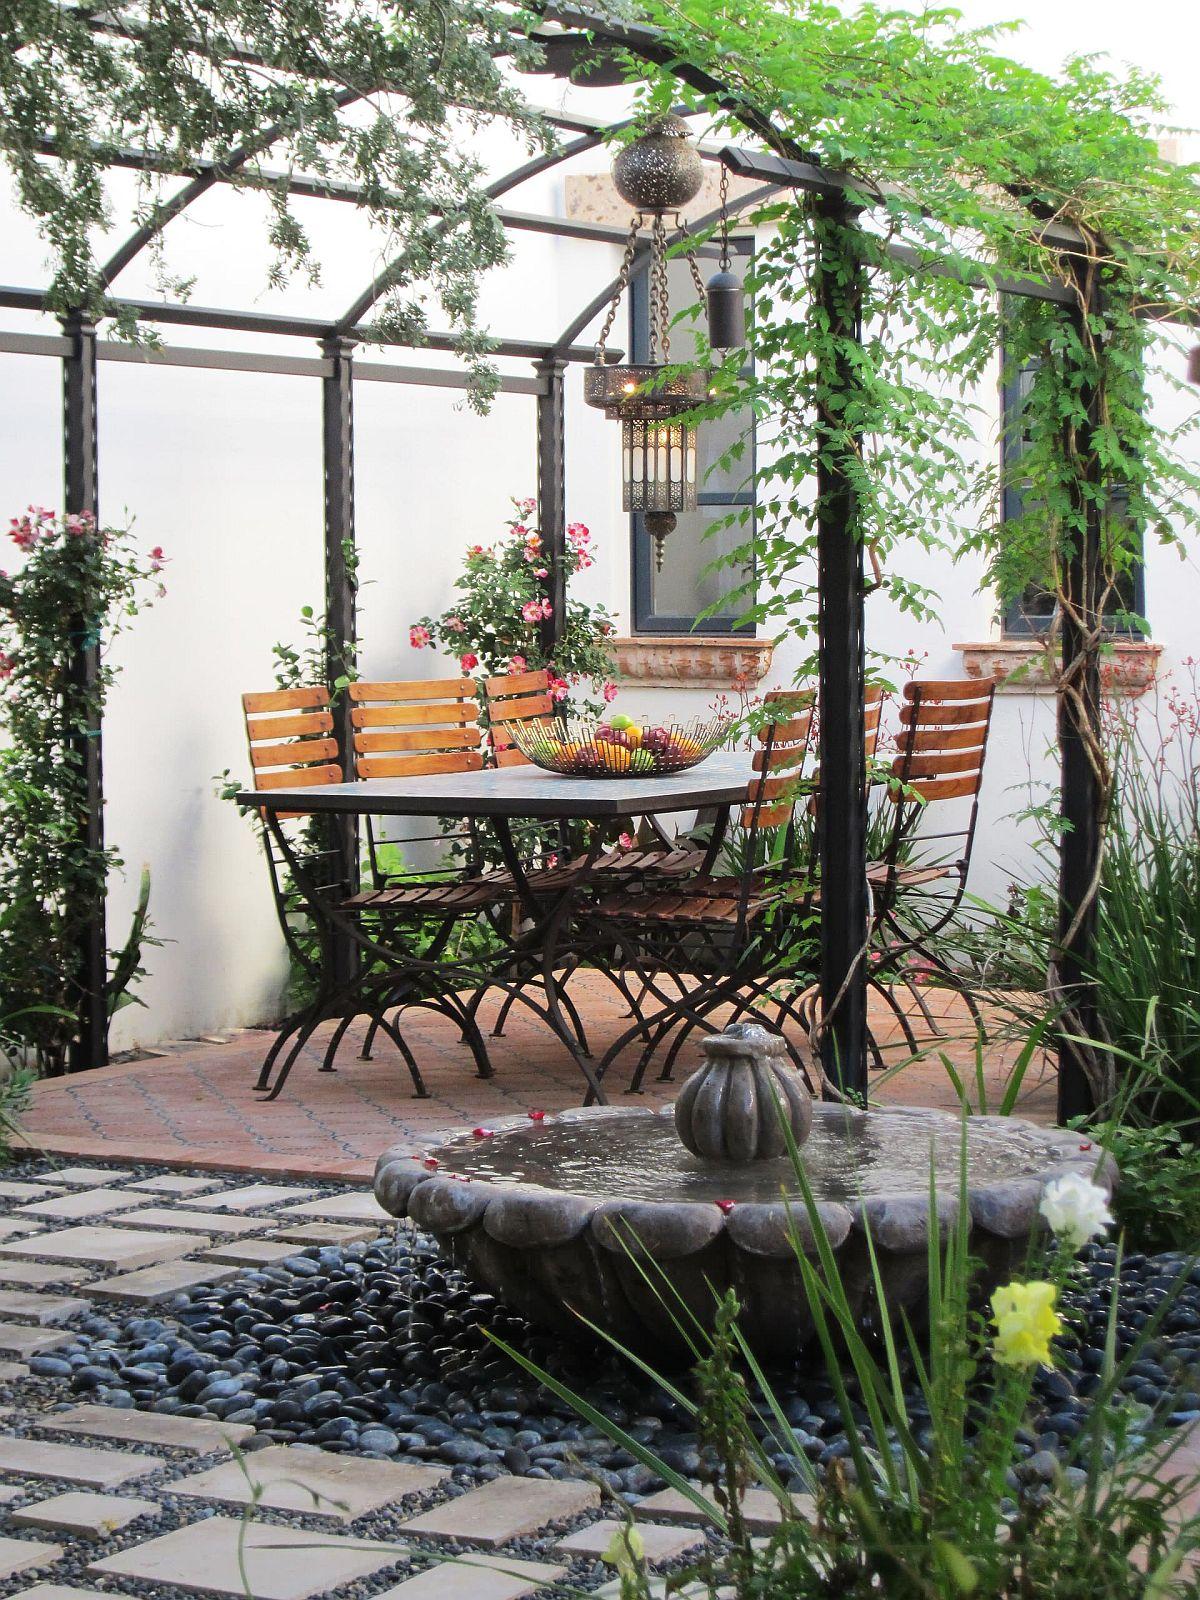 Structure de pergola mince associée à des plantes grimpantes pour créer de l'ombre dans le jardin